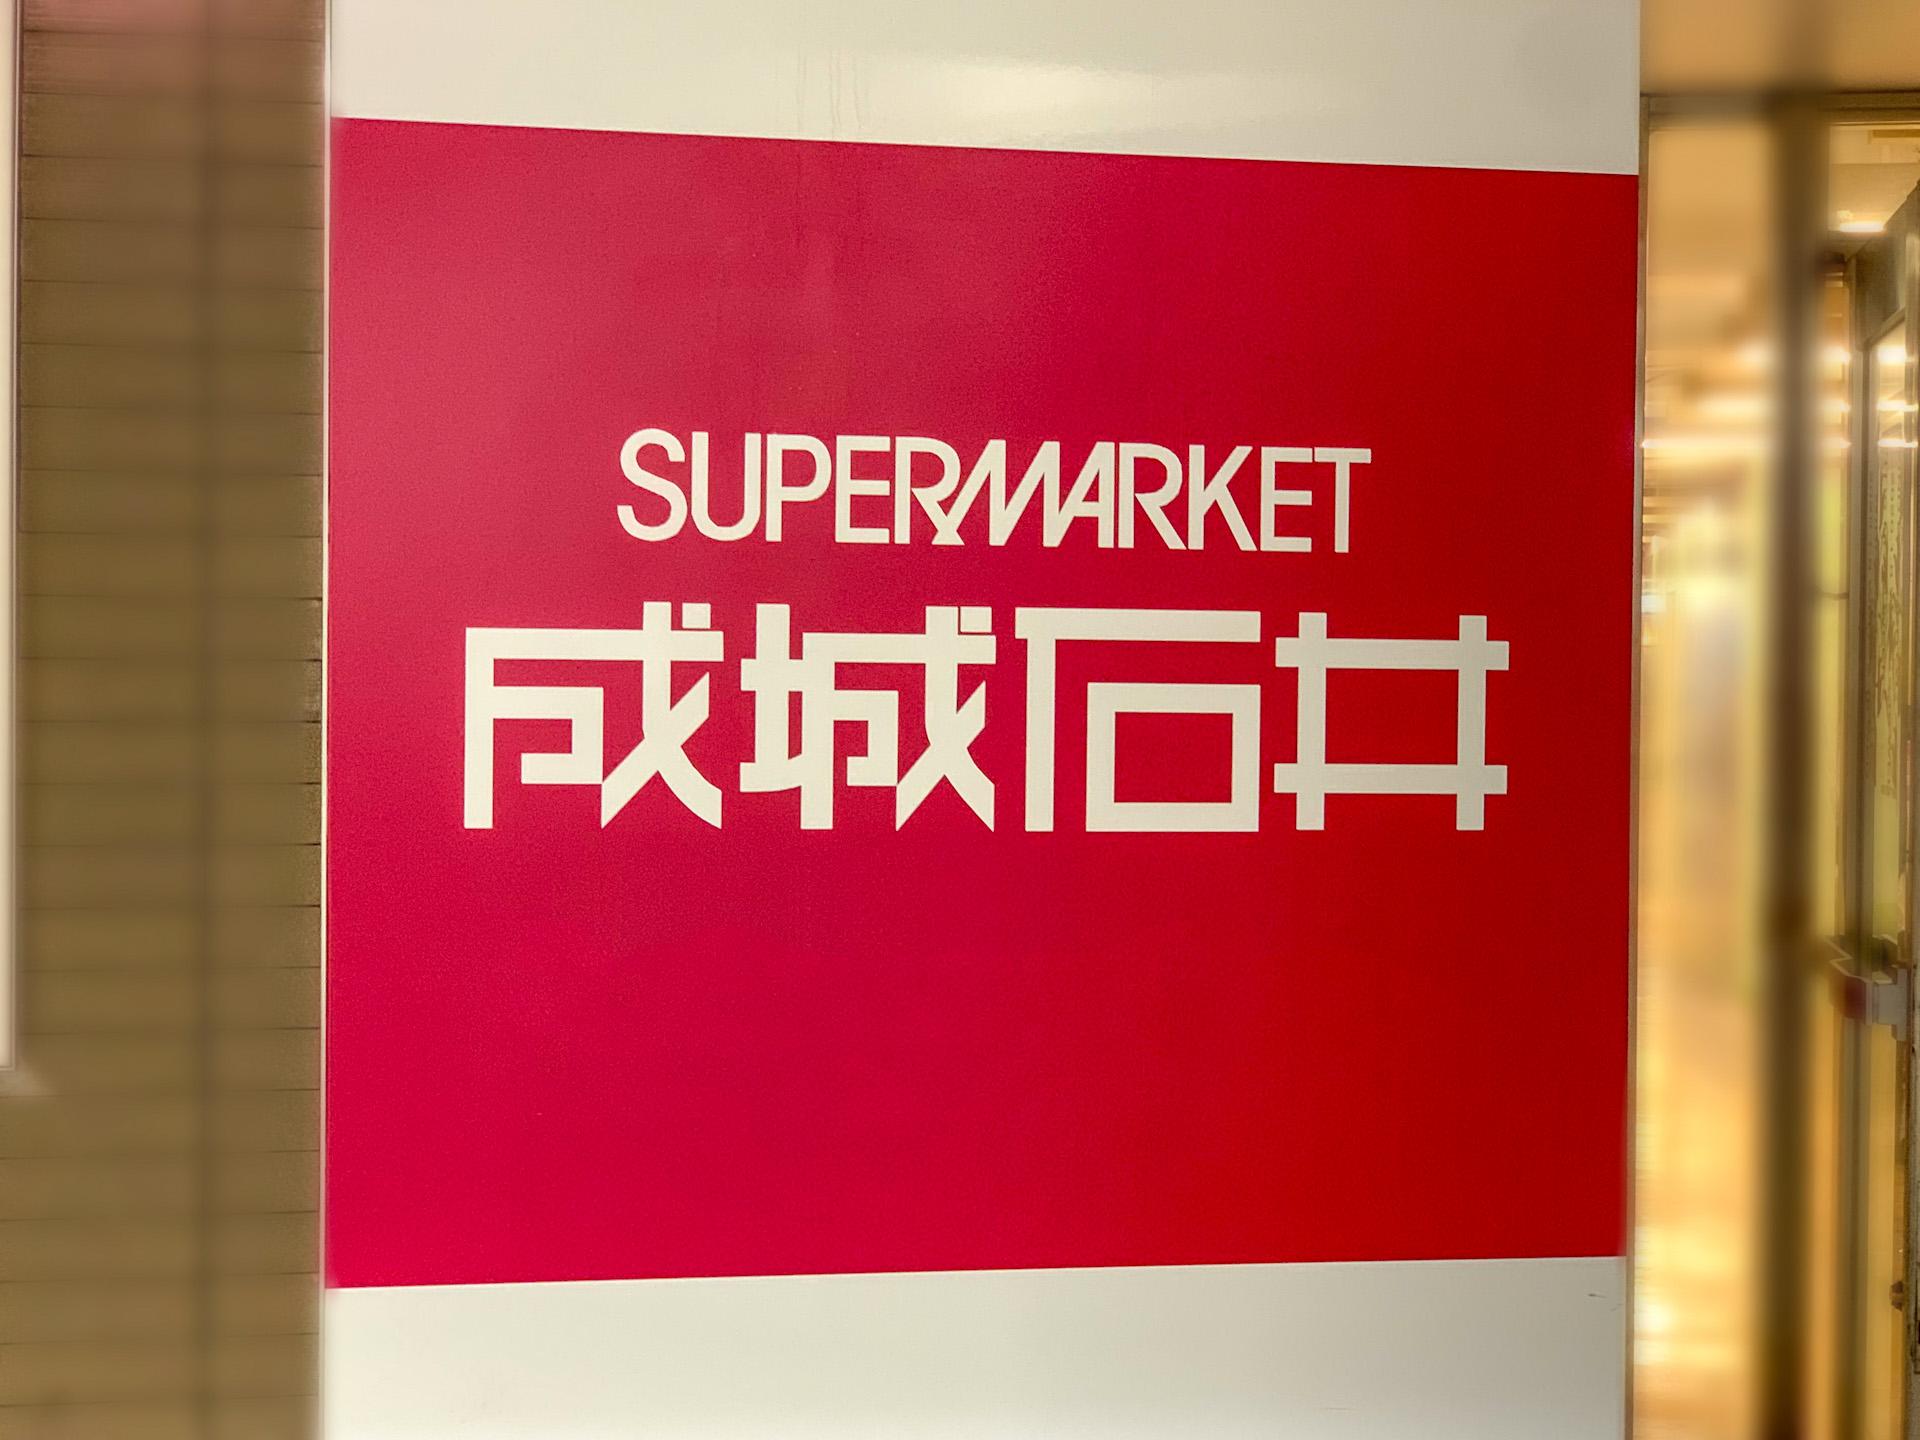 成城石井で買えるパンのカロリーを徹底調査!ダイエットにもおすすめの商品は?